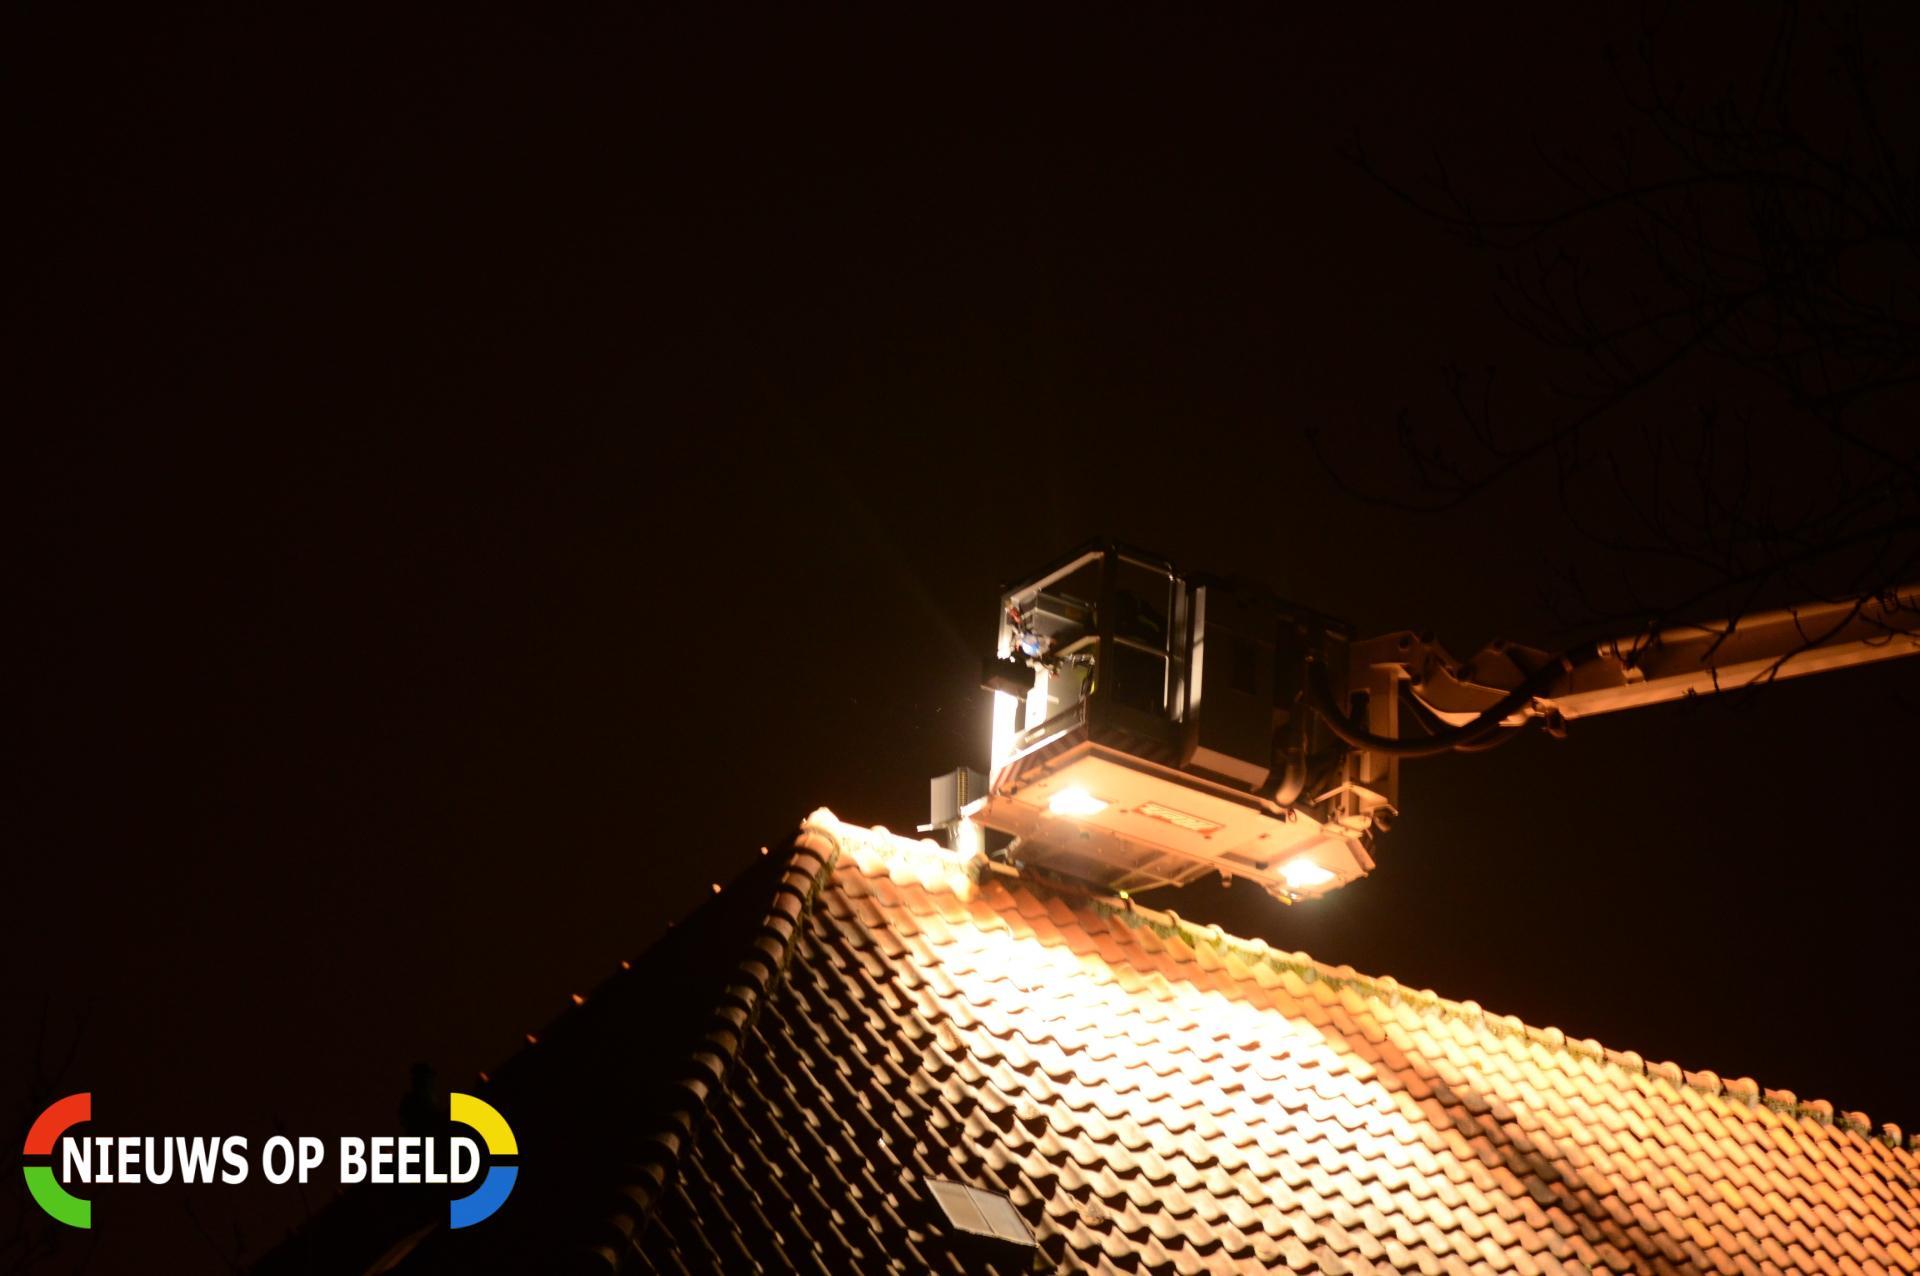 Brandweer rukt uit voor schoorsteenbrand Prinses Beatrixlaan Leidschendam